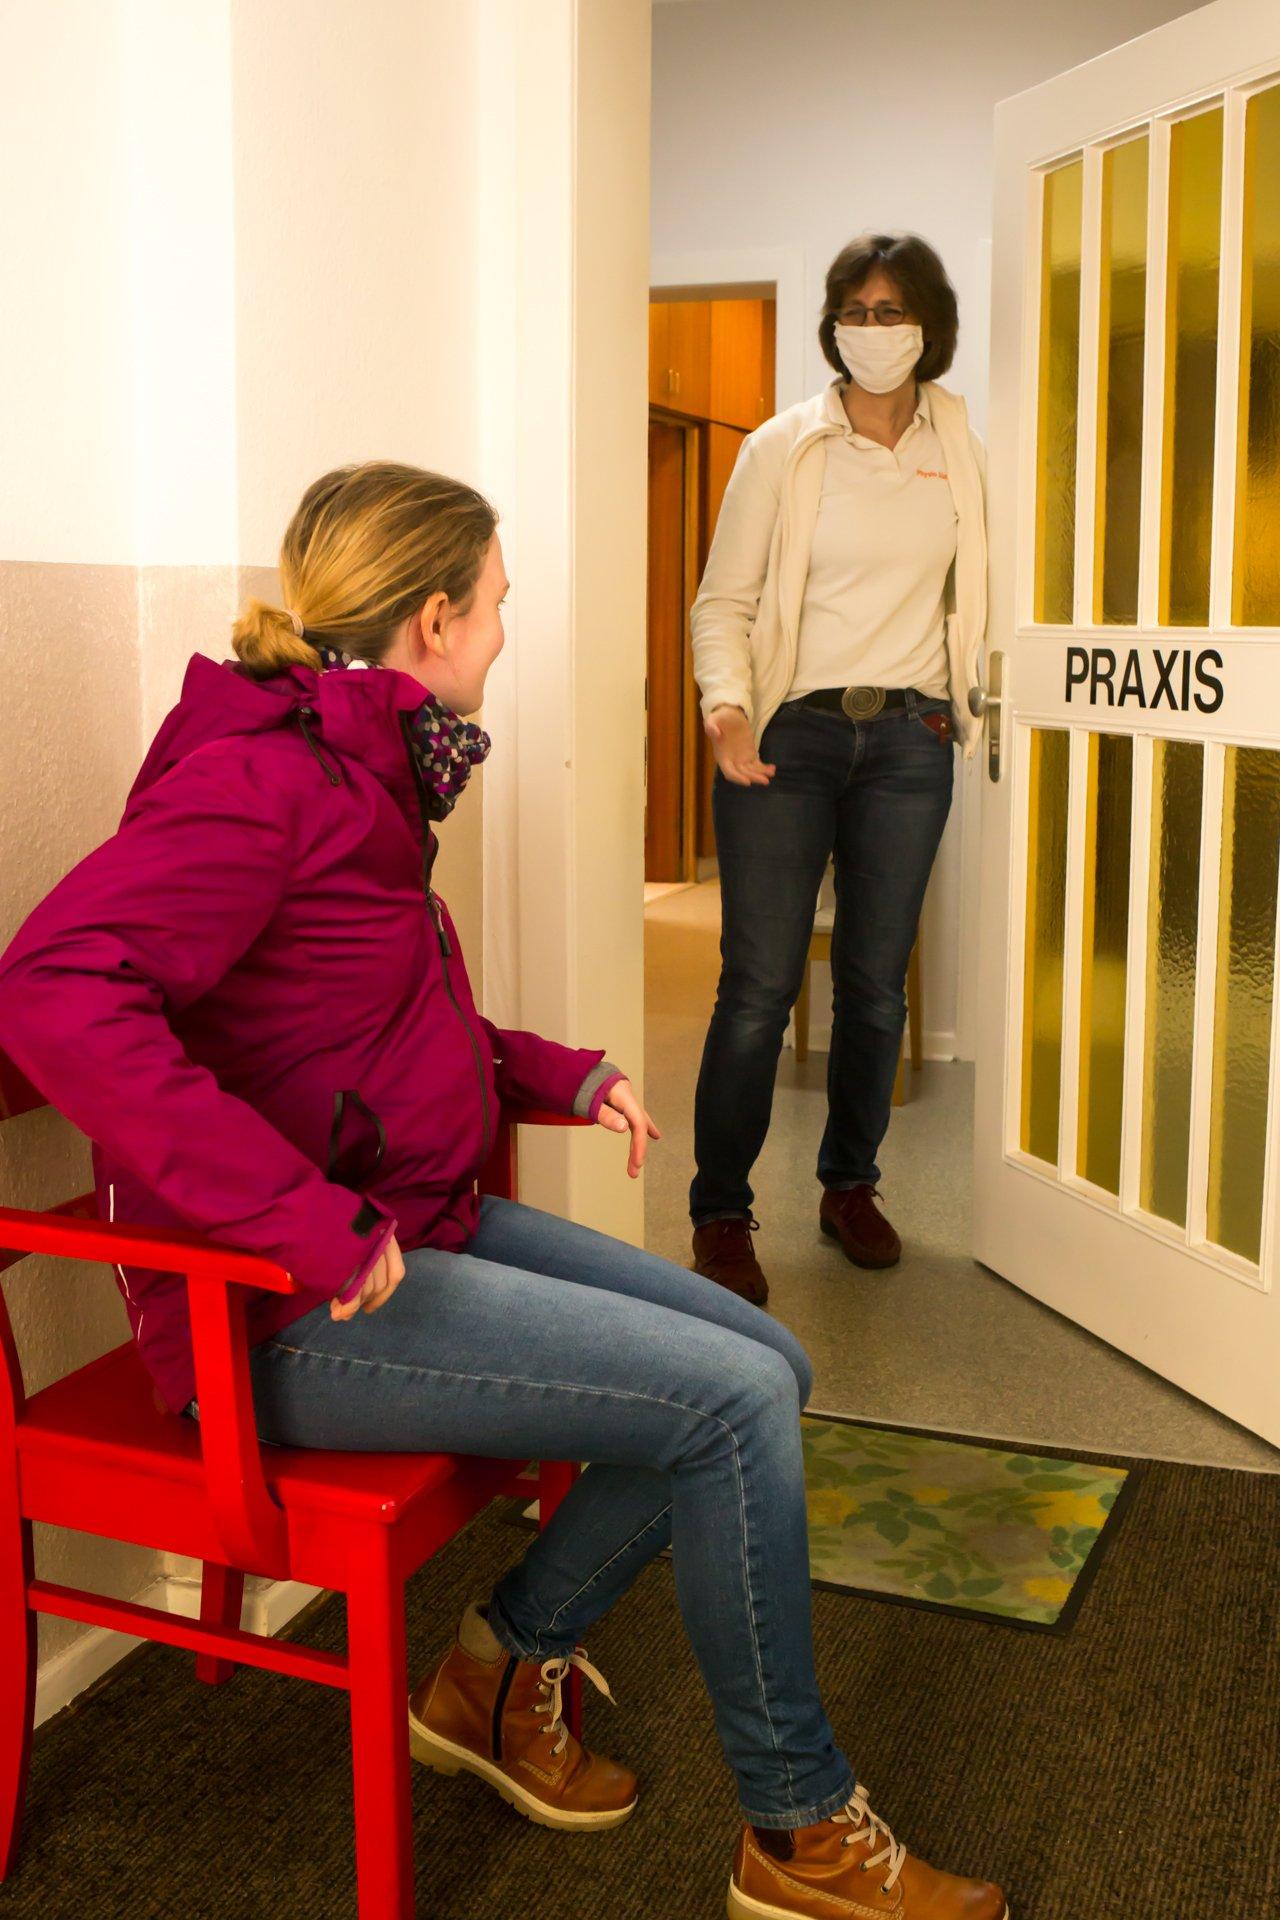 Wer auf seine Behandlung warten muss, nimmt nicht mehr im Wartezimmer Platz - Foto: Anna Bless